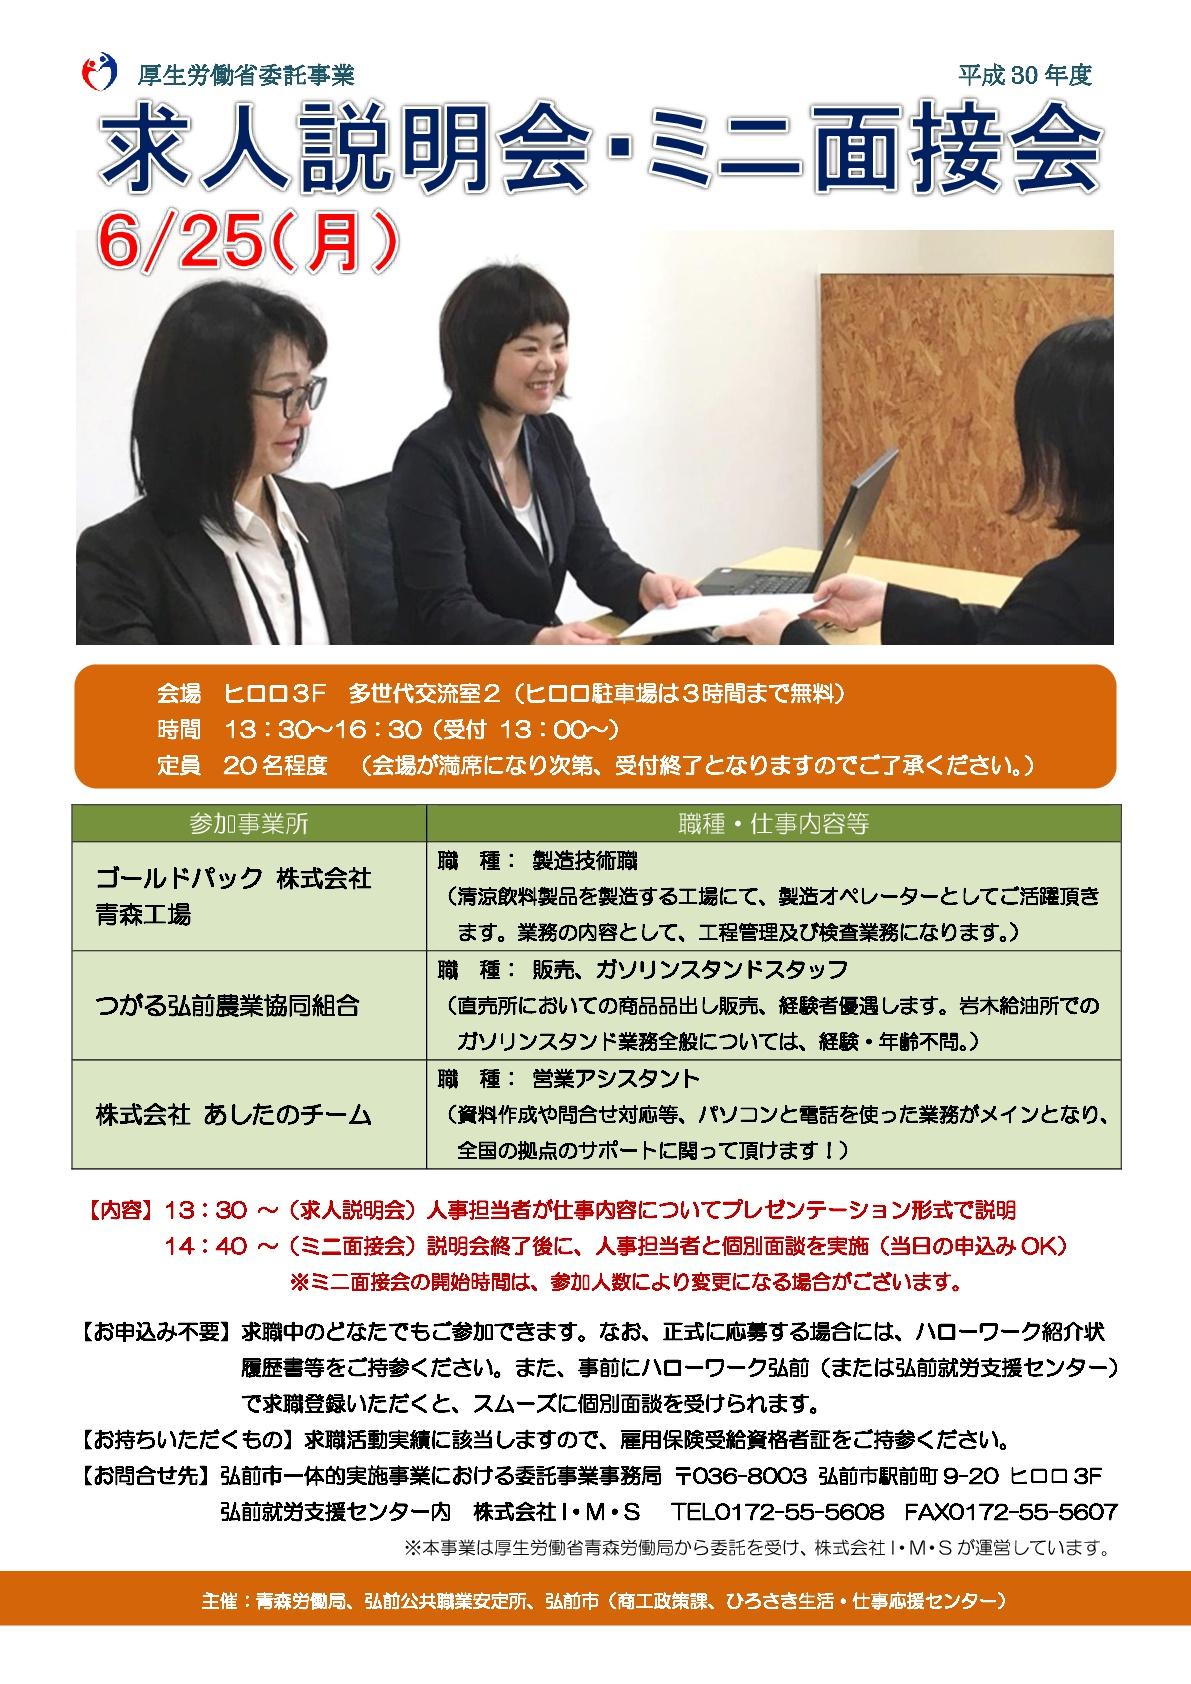 ミニ面接会リーフレット6月25日(新)-001.jpg